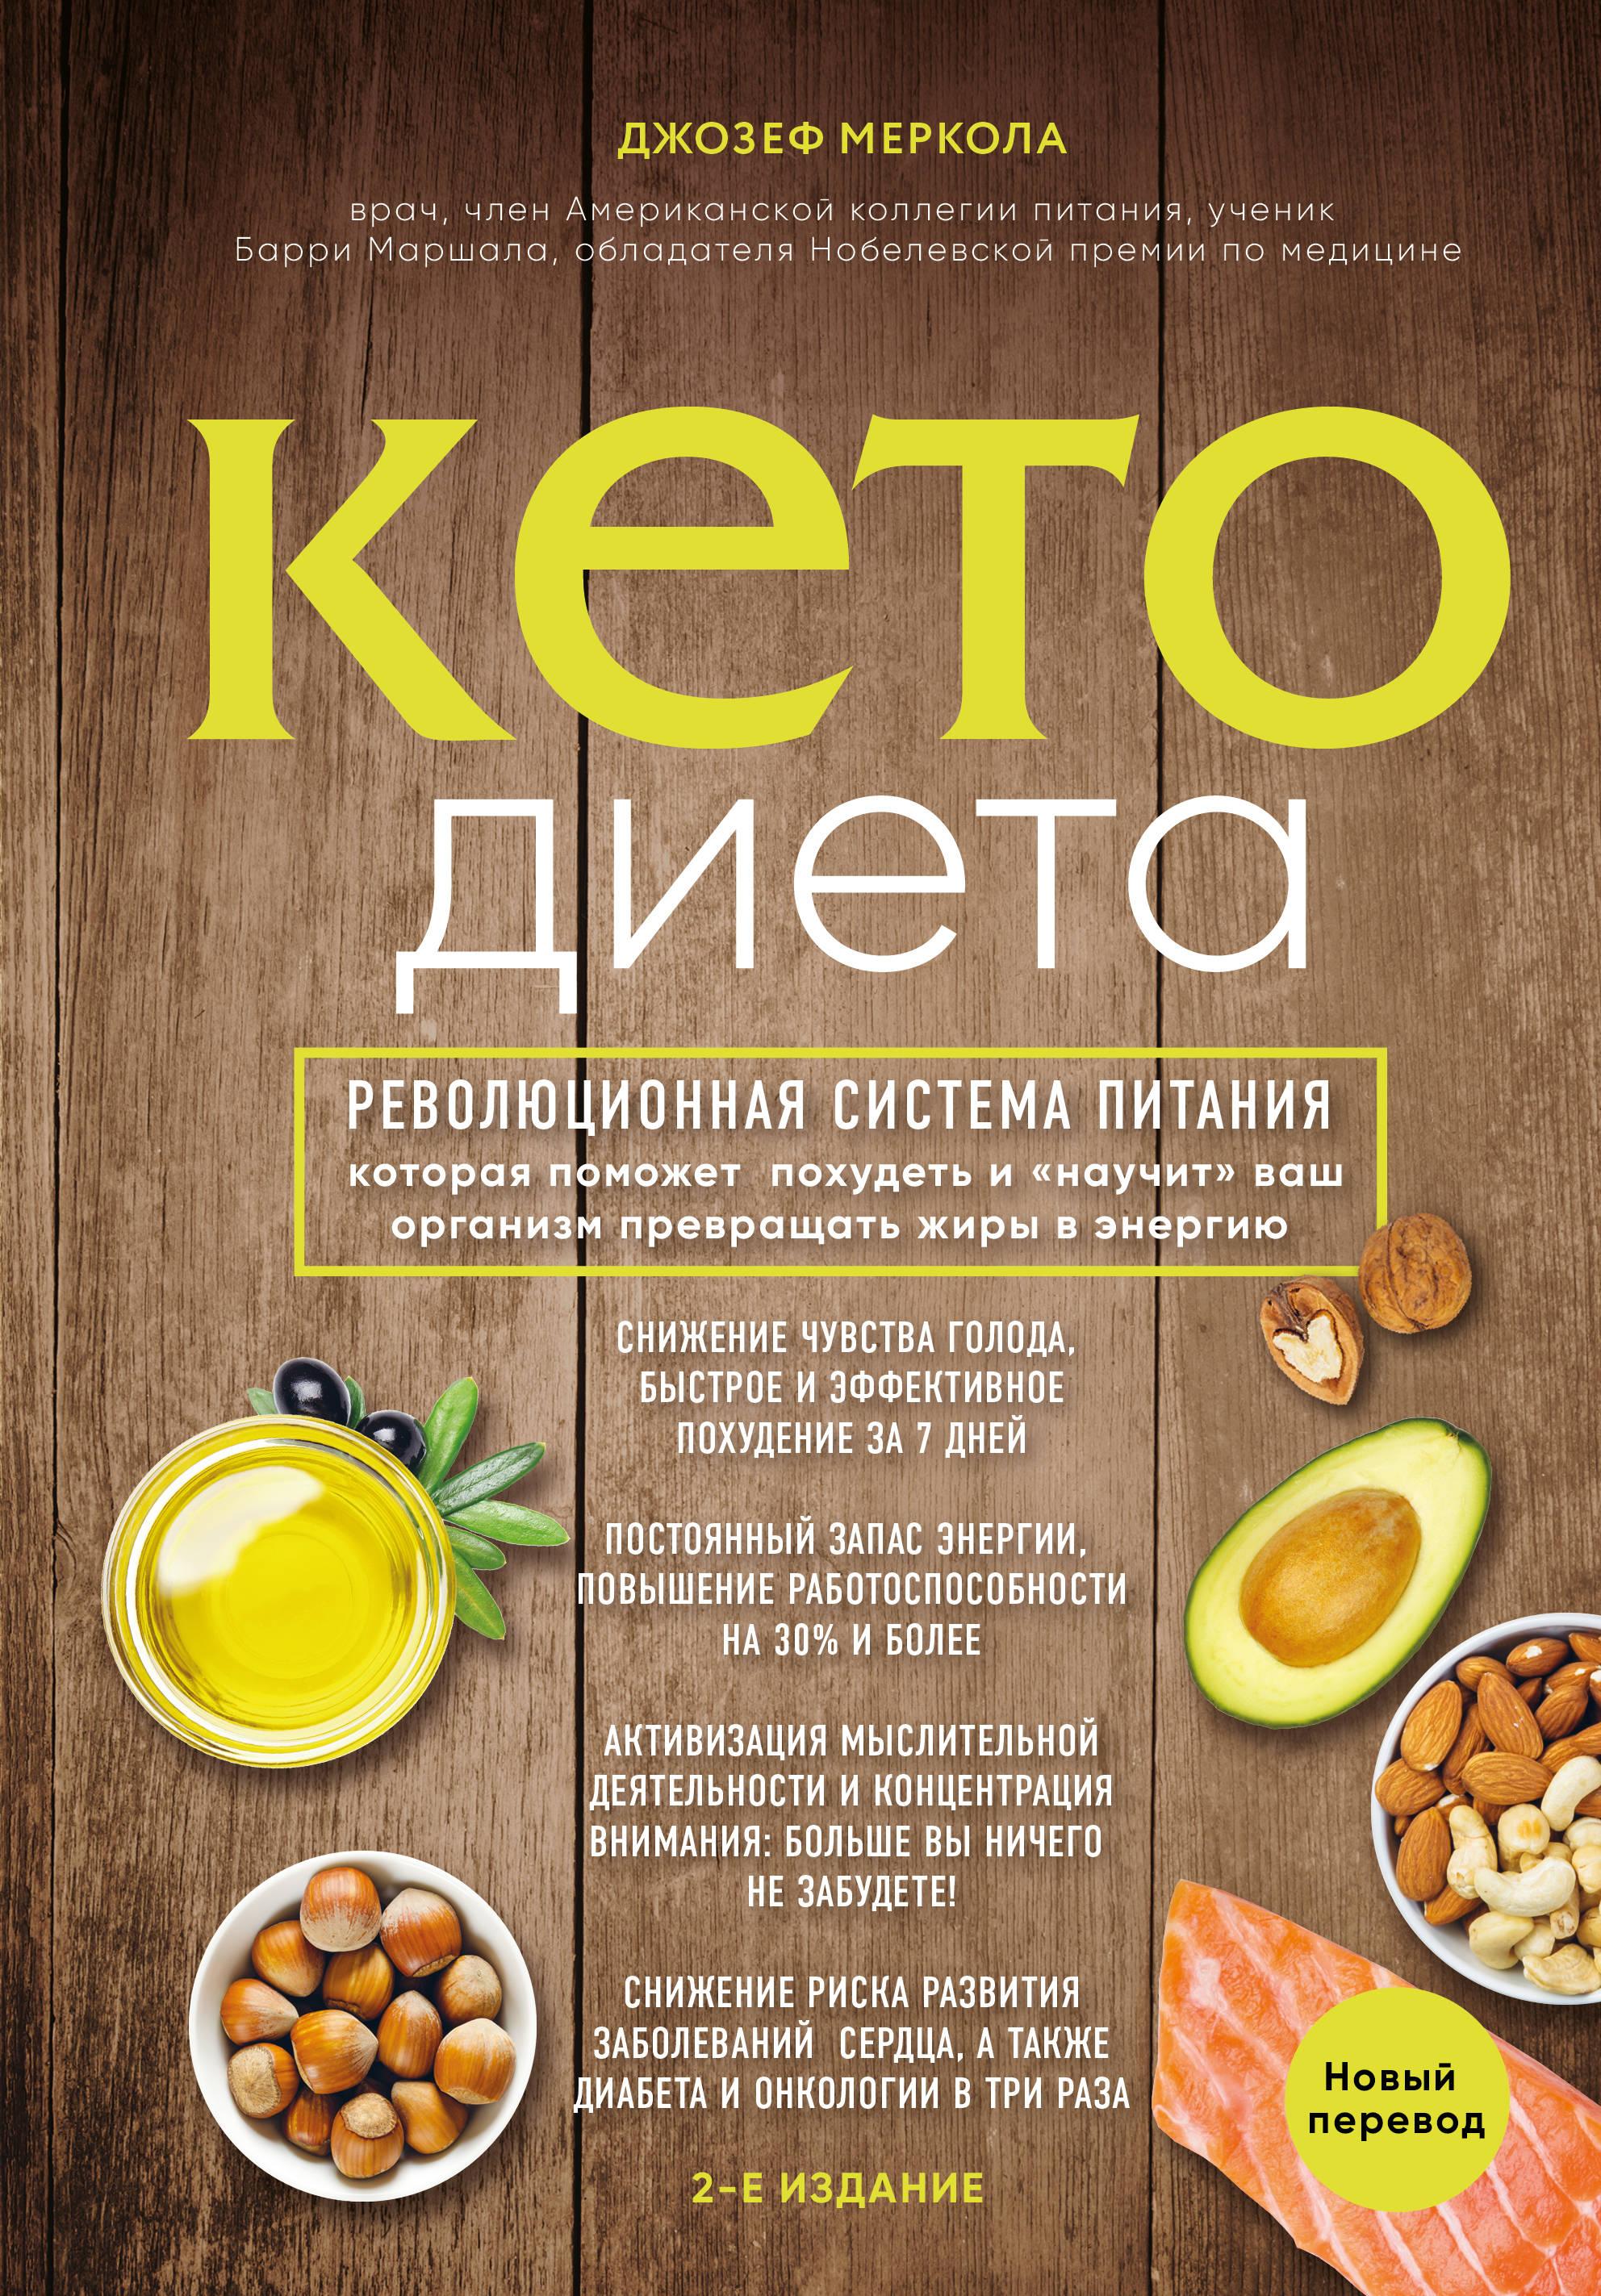 Кето-диета. Революционная система питания, которая поможет похудеть и научит ваш организм превращать жиры в энергию. 2-е издание